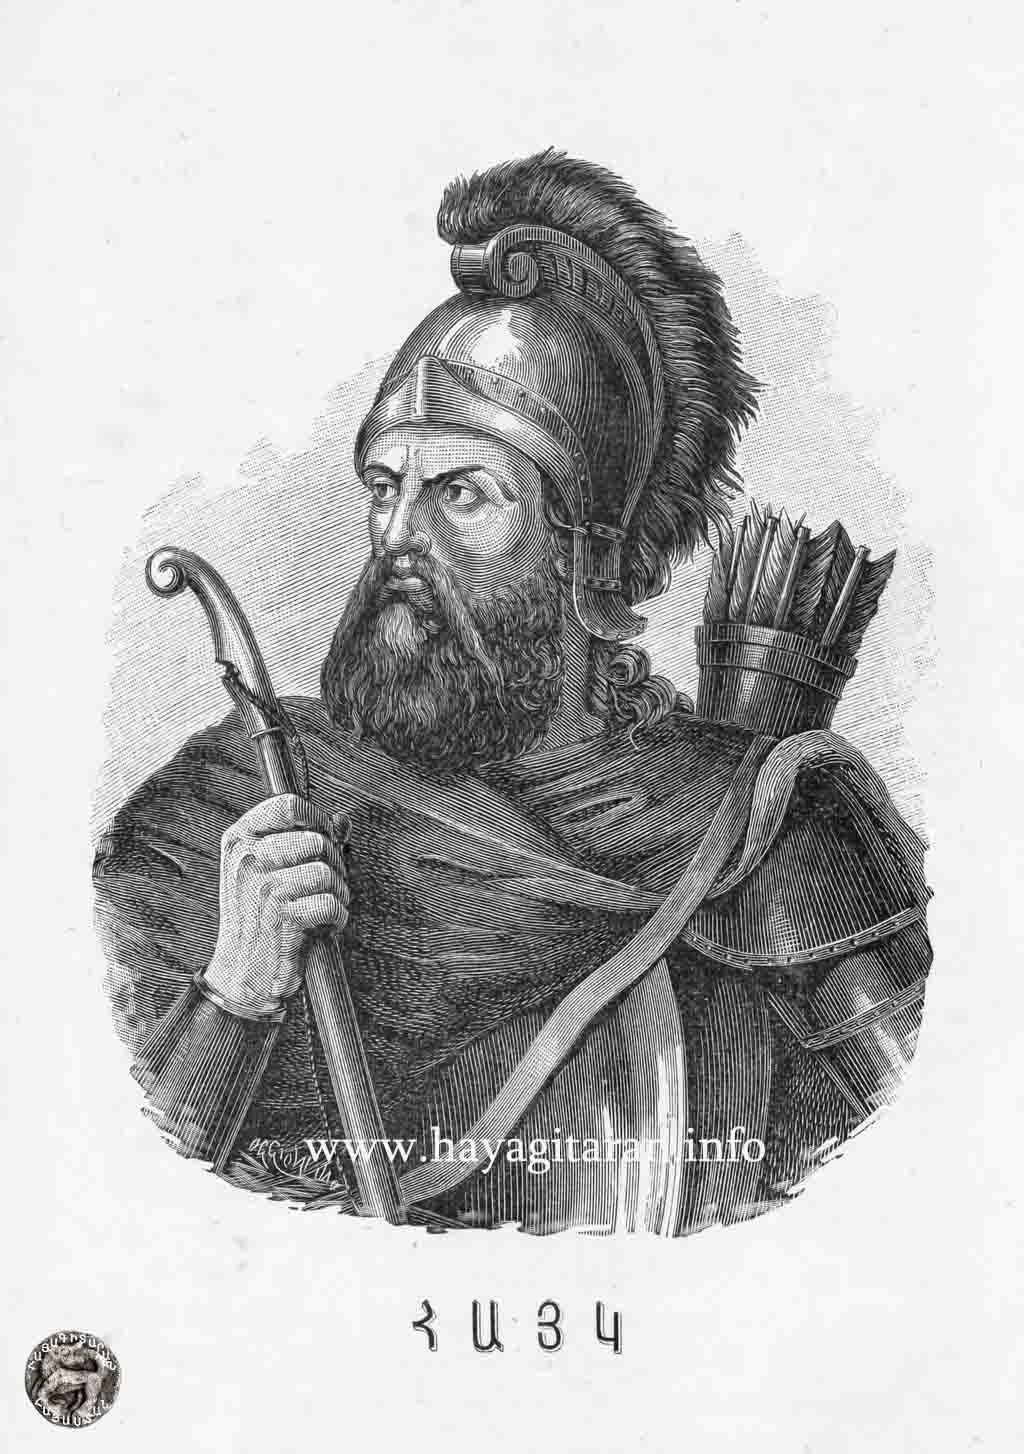 Հայկ նահապետ - Հայկ թագավոր - Հայկ դյուցազն - Հայքի հիմնադիր արքա - Hayk the Great - The Great Hayk - Hayk Nahapet - Айк Наапе́т - Айк Дюца́зн